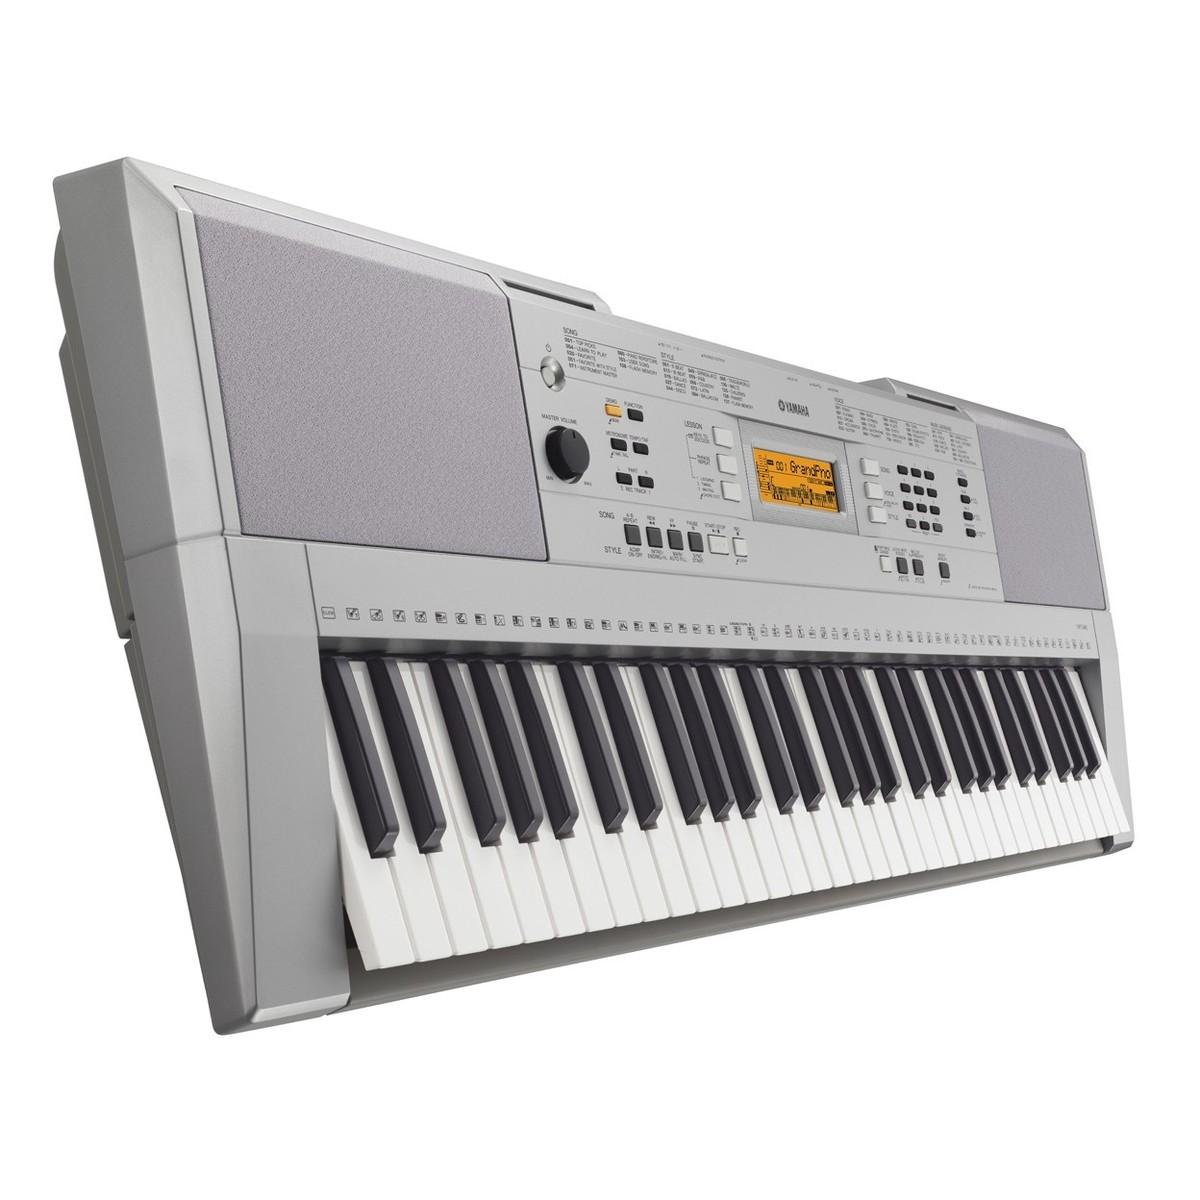 Yamaha YPT 340 Tragbares Keyboard, Paket bei Gear4music